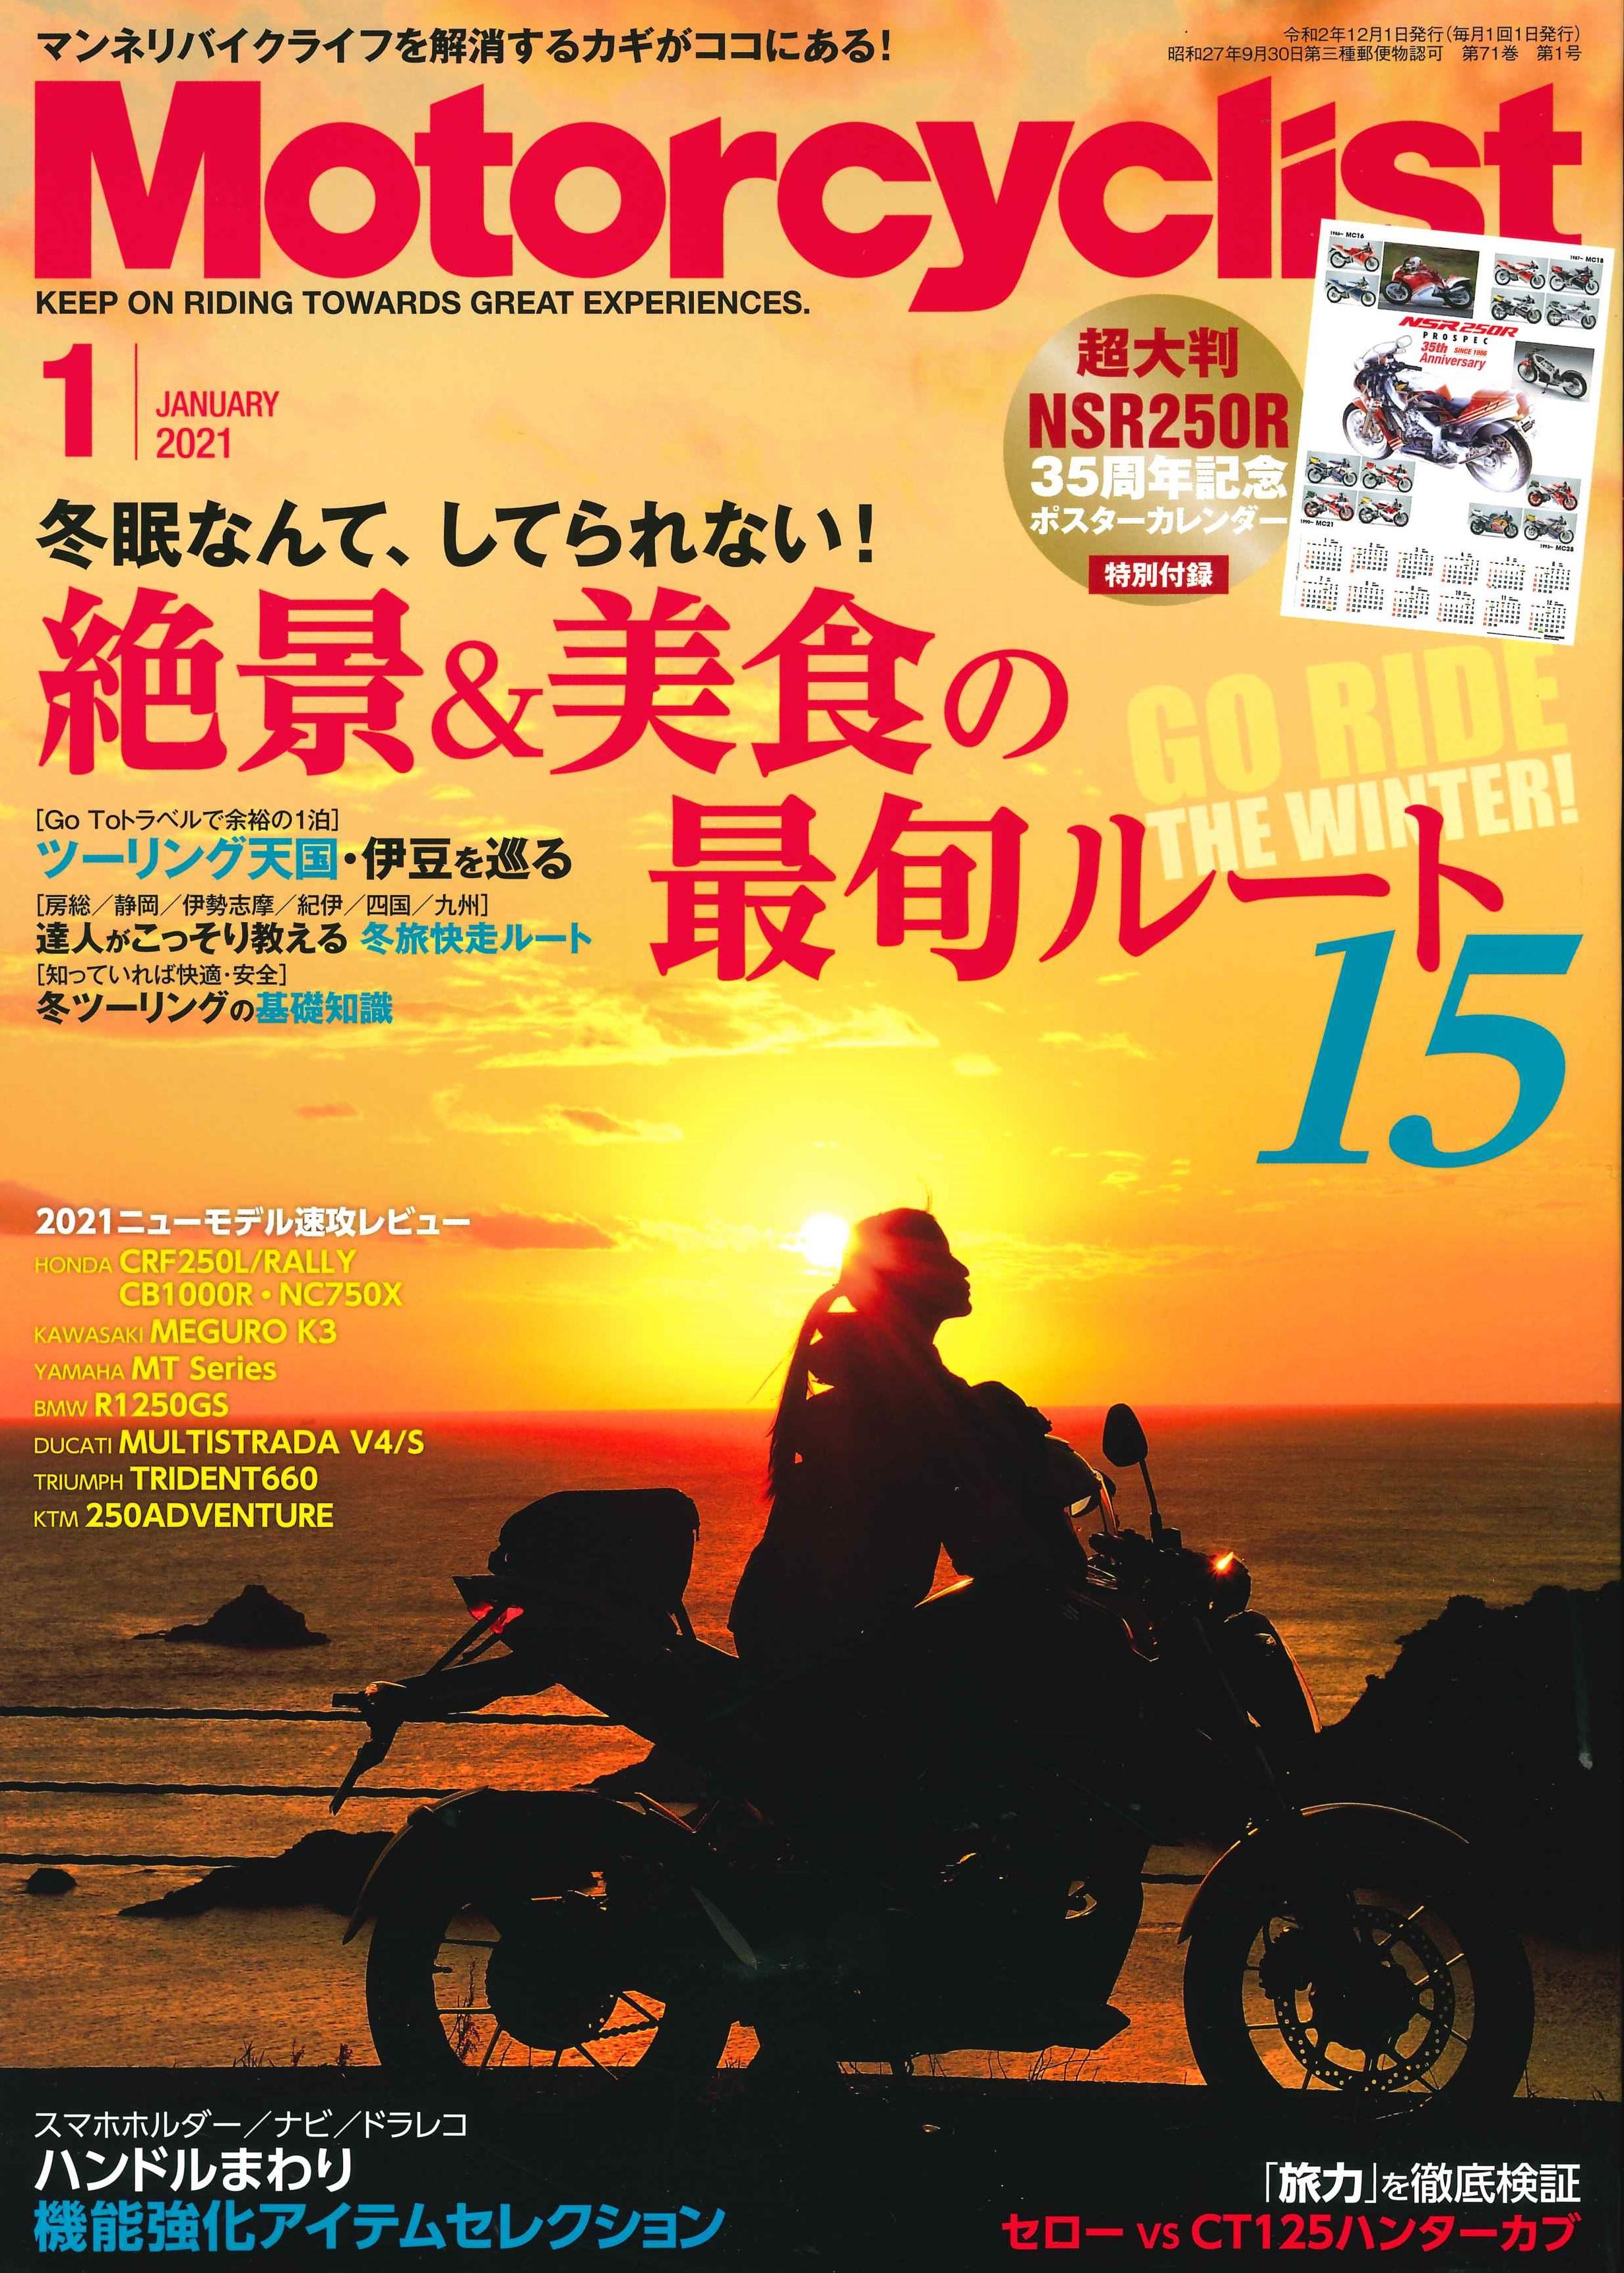 【MotorCyclist 2021年1月号掲載】アルミ削り出しスマホホルダー「MOUNT SYSTEM」